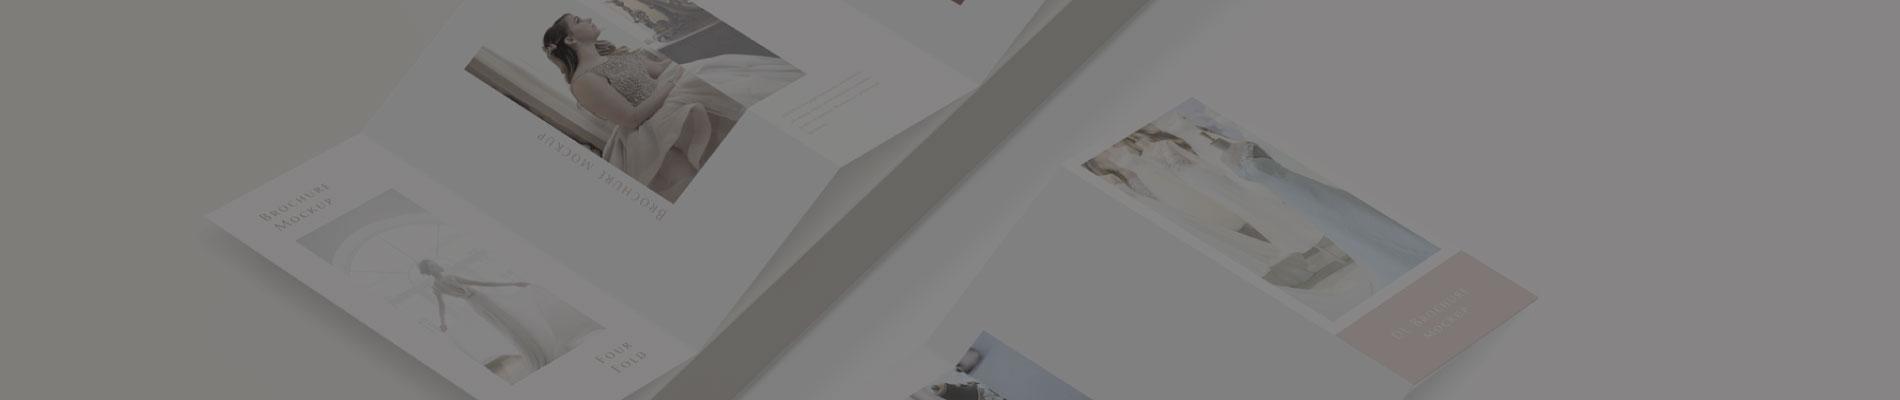 Light |Online Σεμινάριο  InDesign CS4